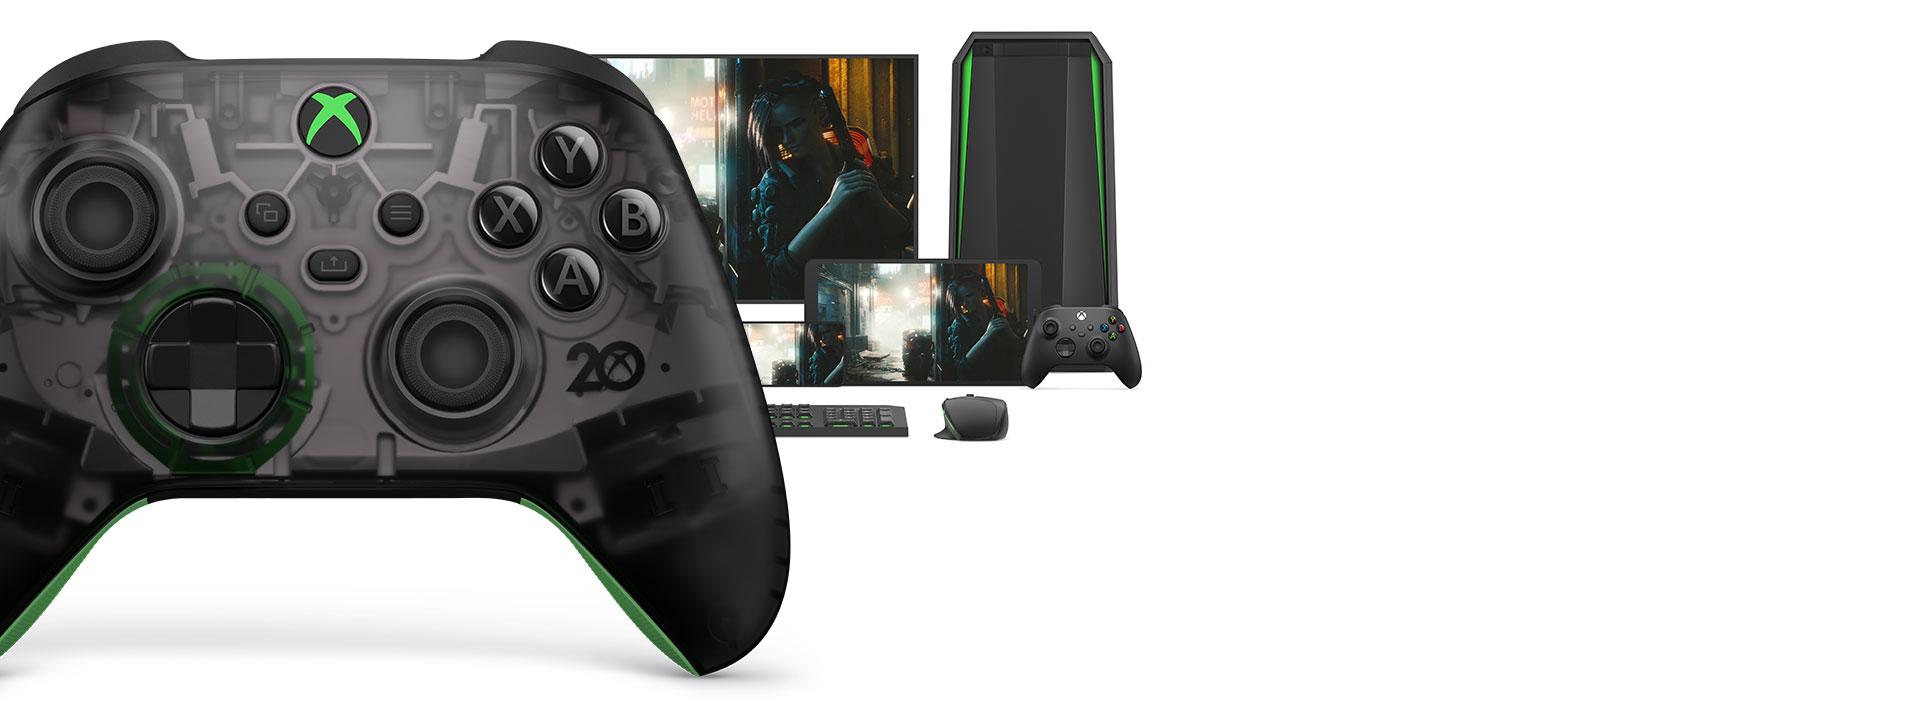 Беспроводной геймпад Xbox из особой серии к 20-летней годовщине с компьютером, телевизором и консолью Xbox SeriesS